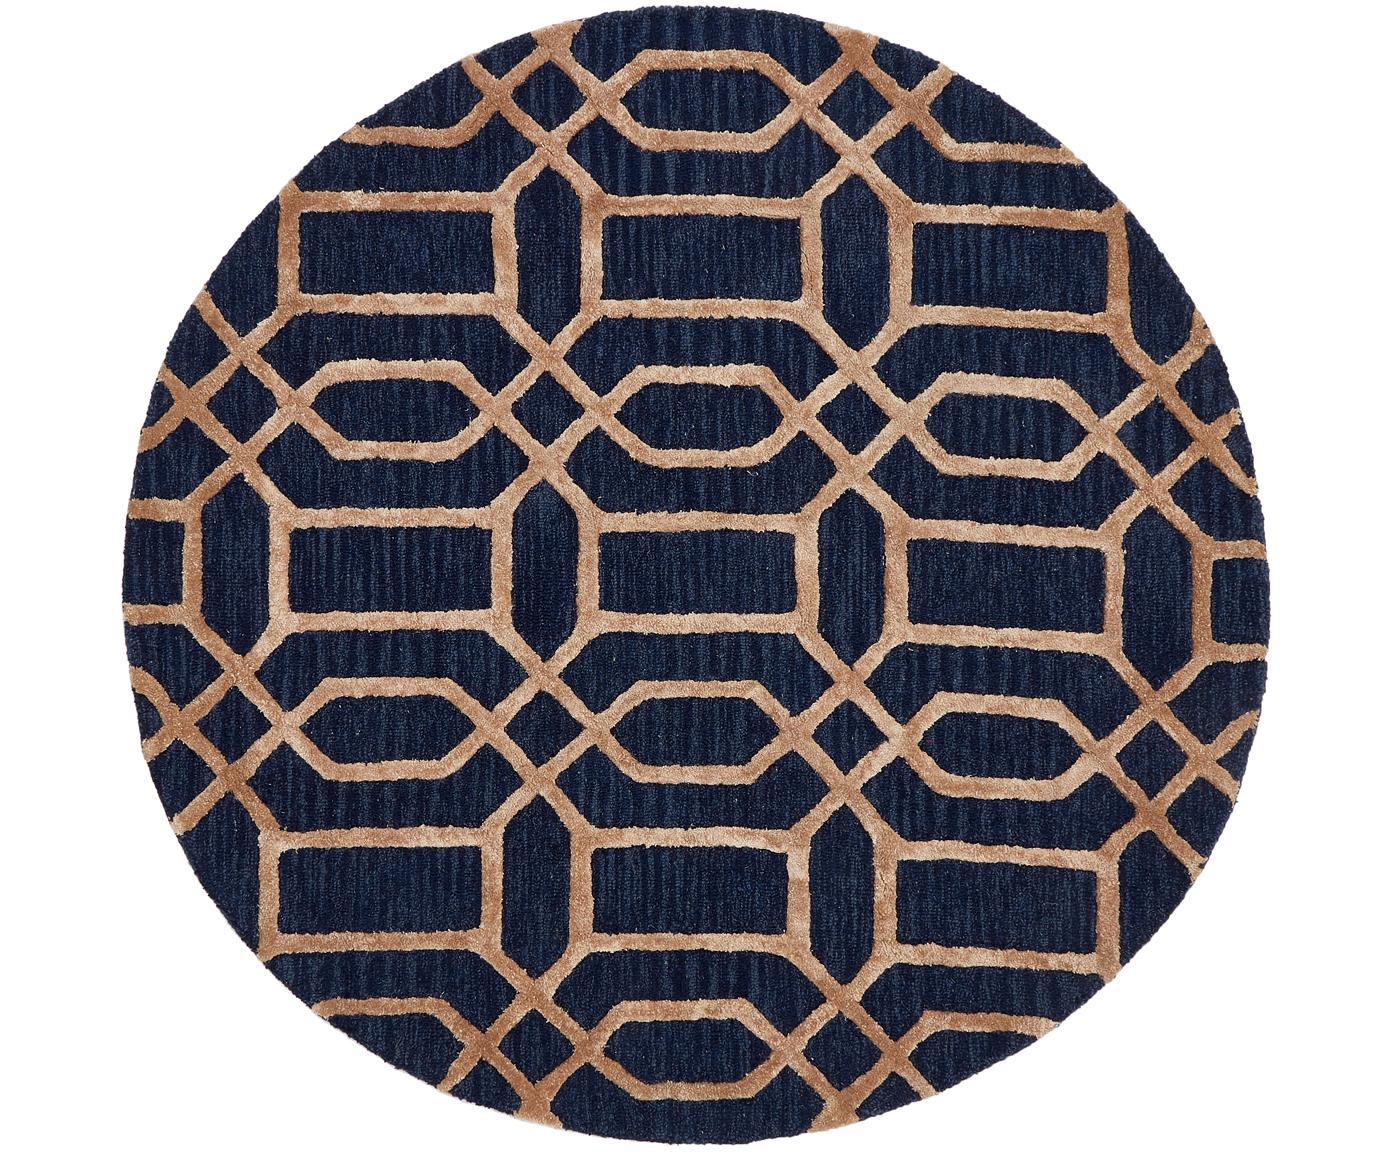 Runder Wollteppich Vegas mit Hoch-Tief-Effekt, Flor: 80% Wolle, 20% Viskose, Dunkelblau, Braun, Ø 150 cm (Größe M)